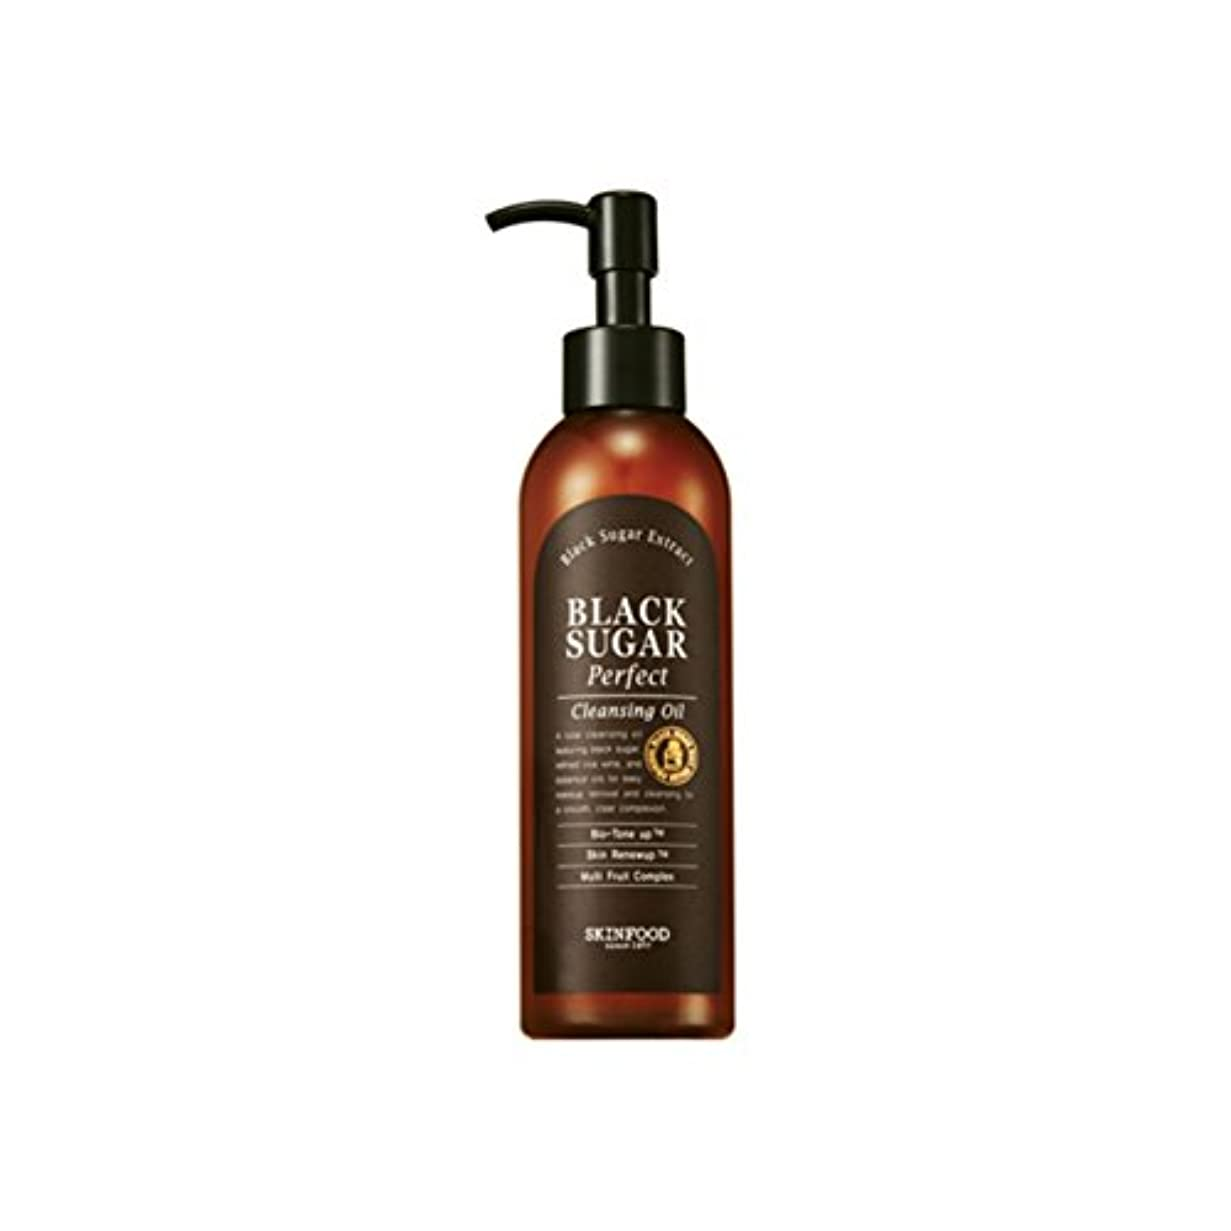 準備する一レタス[スキンフード] SKINFOOD [ブラックシュガーパーフェクトクレンジングオイル] (Black Sugar Perfect Cleansing Oil) [並行輸入品]